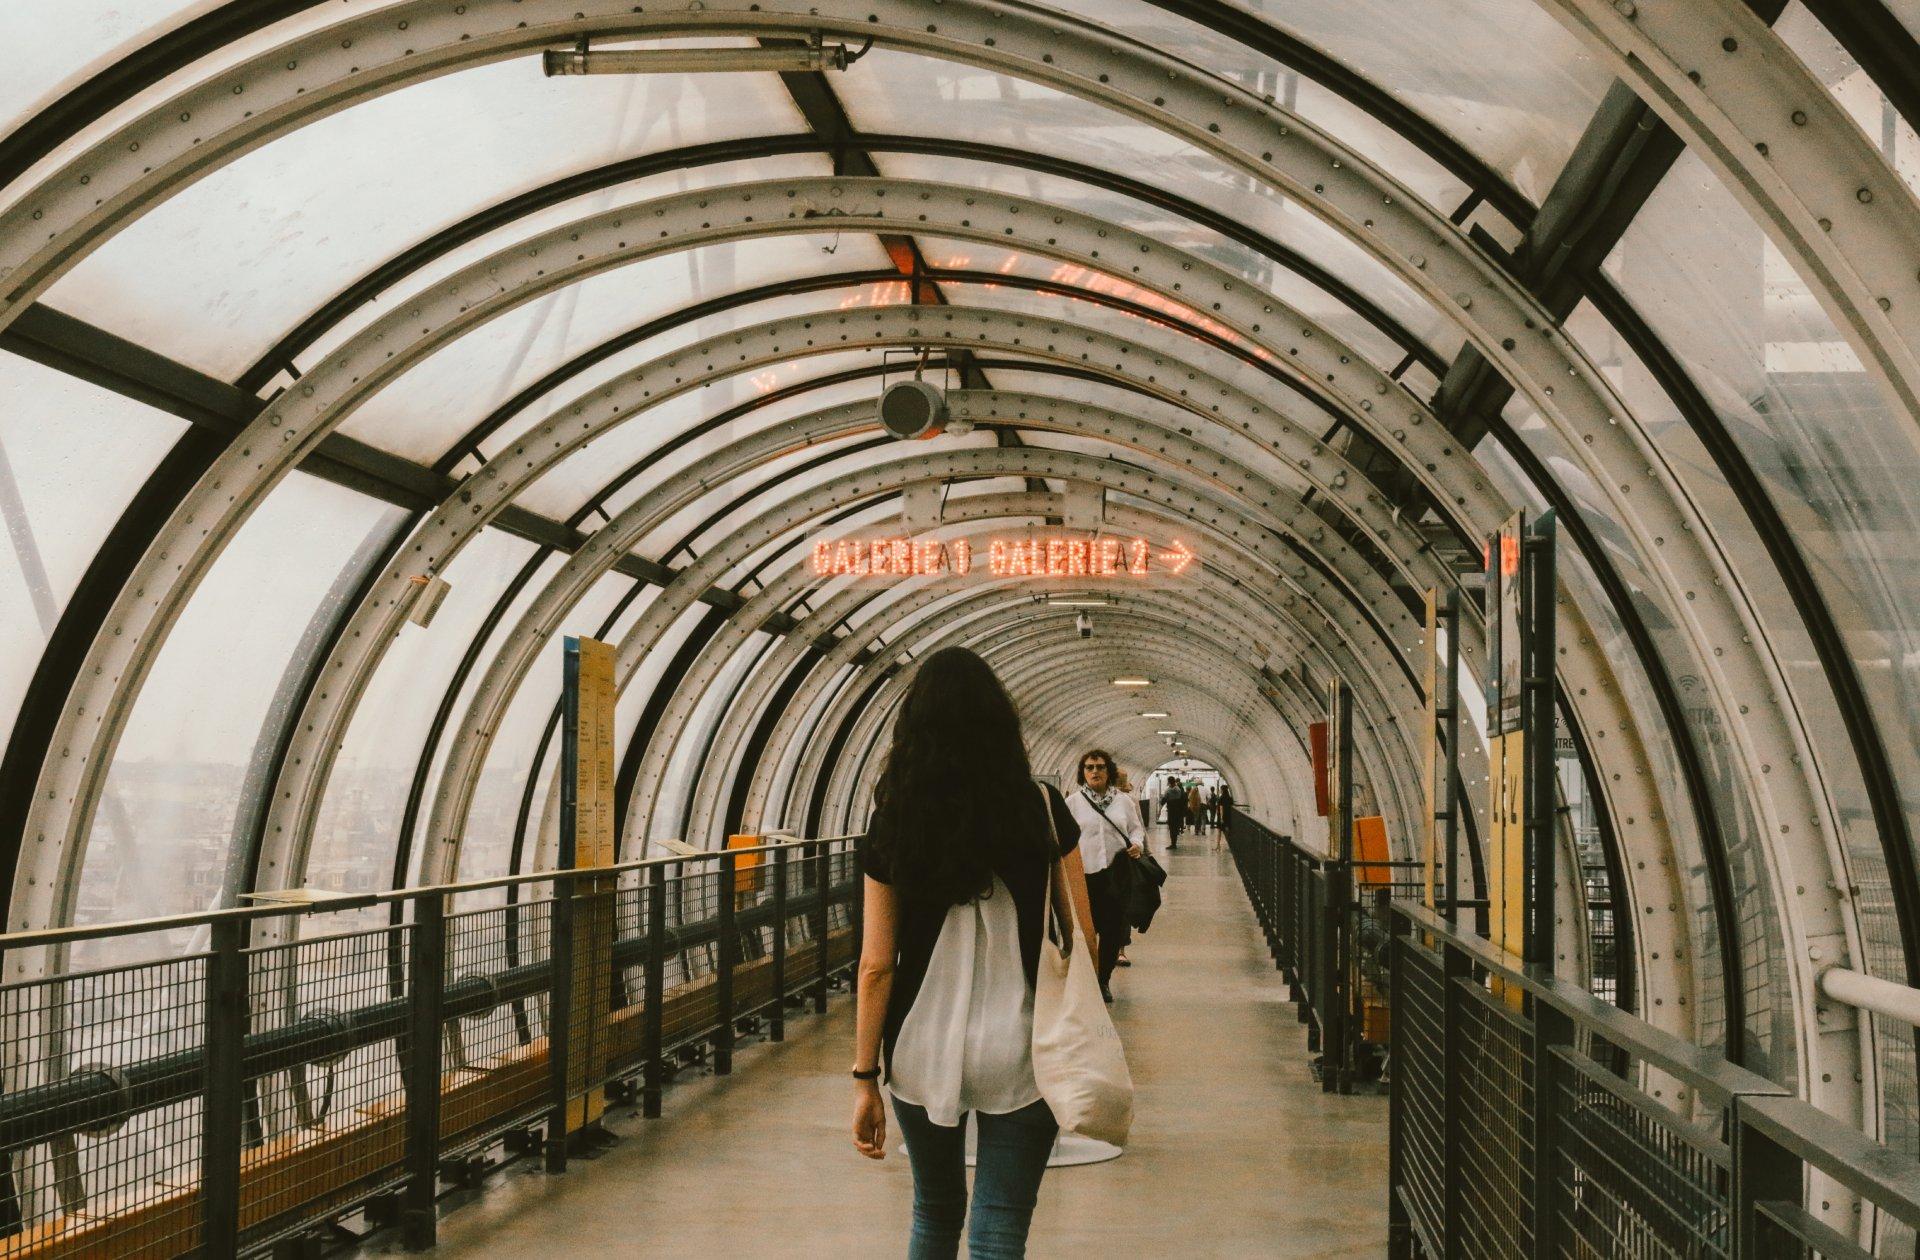 Les musées sont fermés, mais Mymy vous emmène au Centre Pompidou ce 17 avril